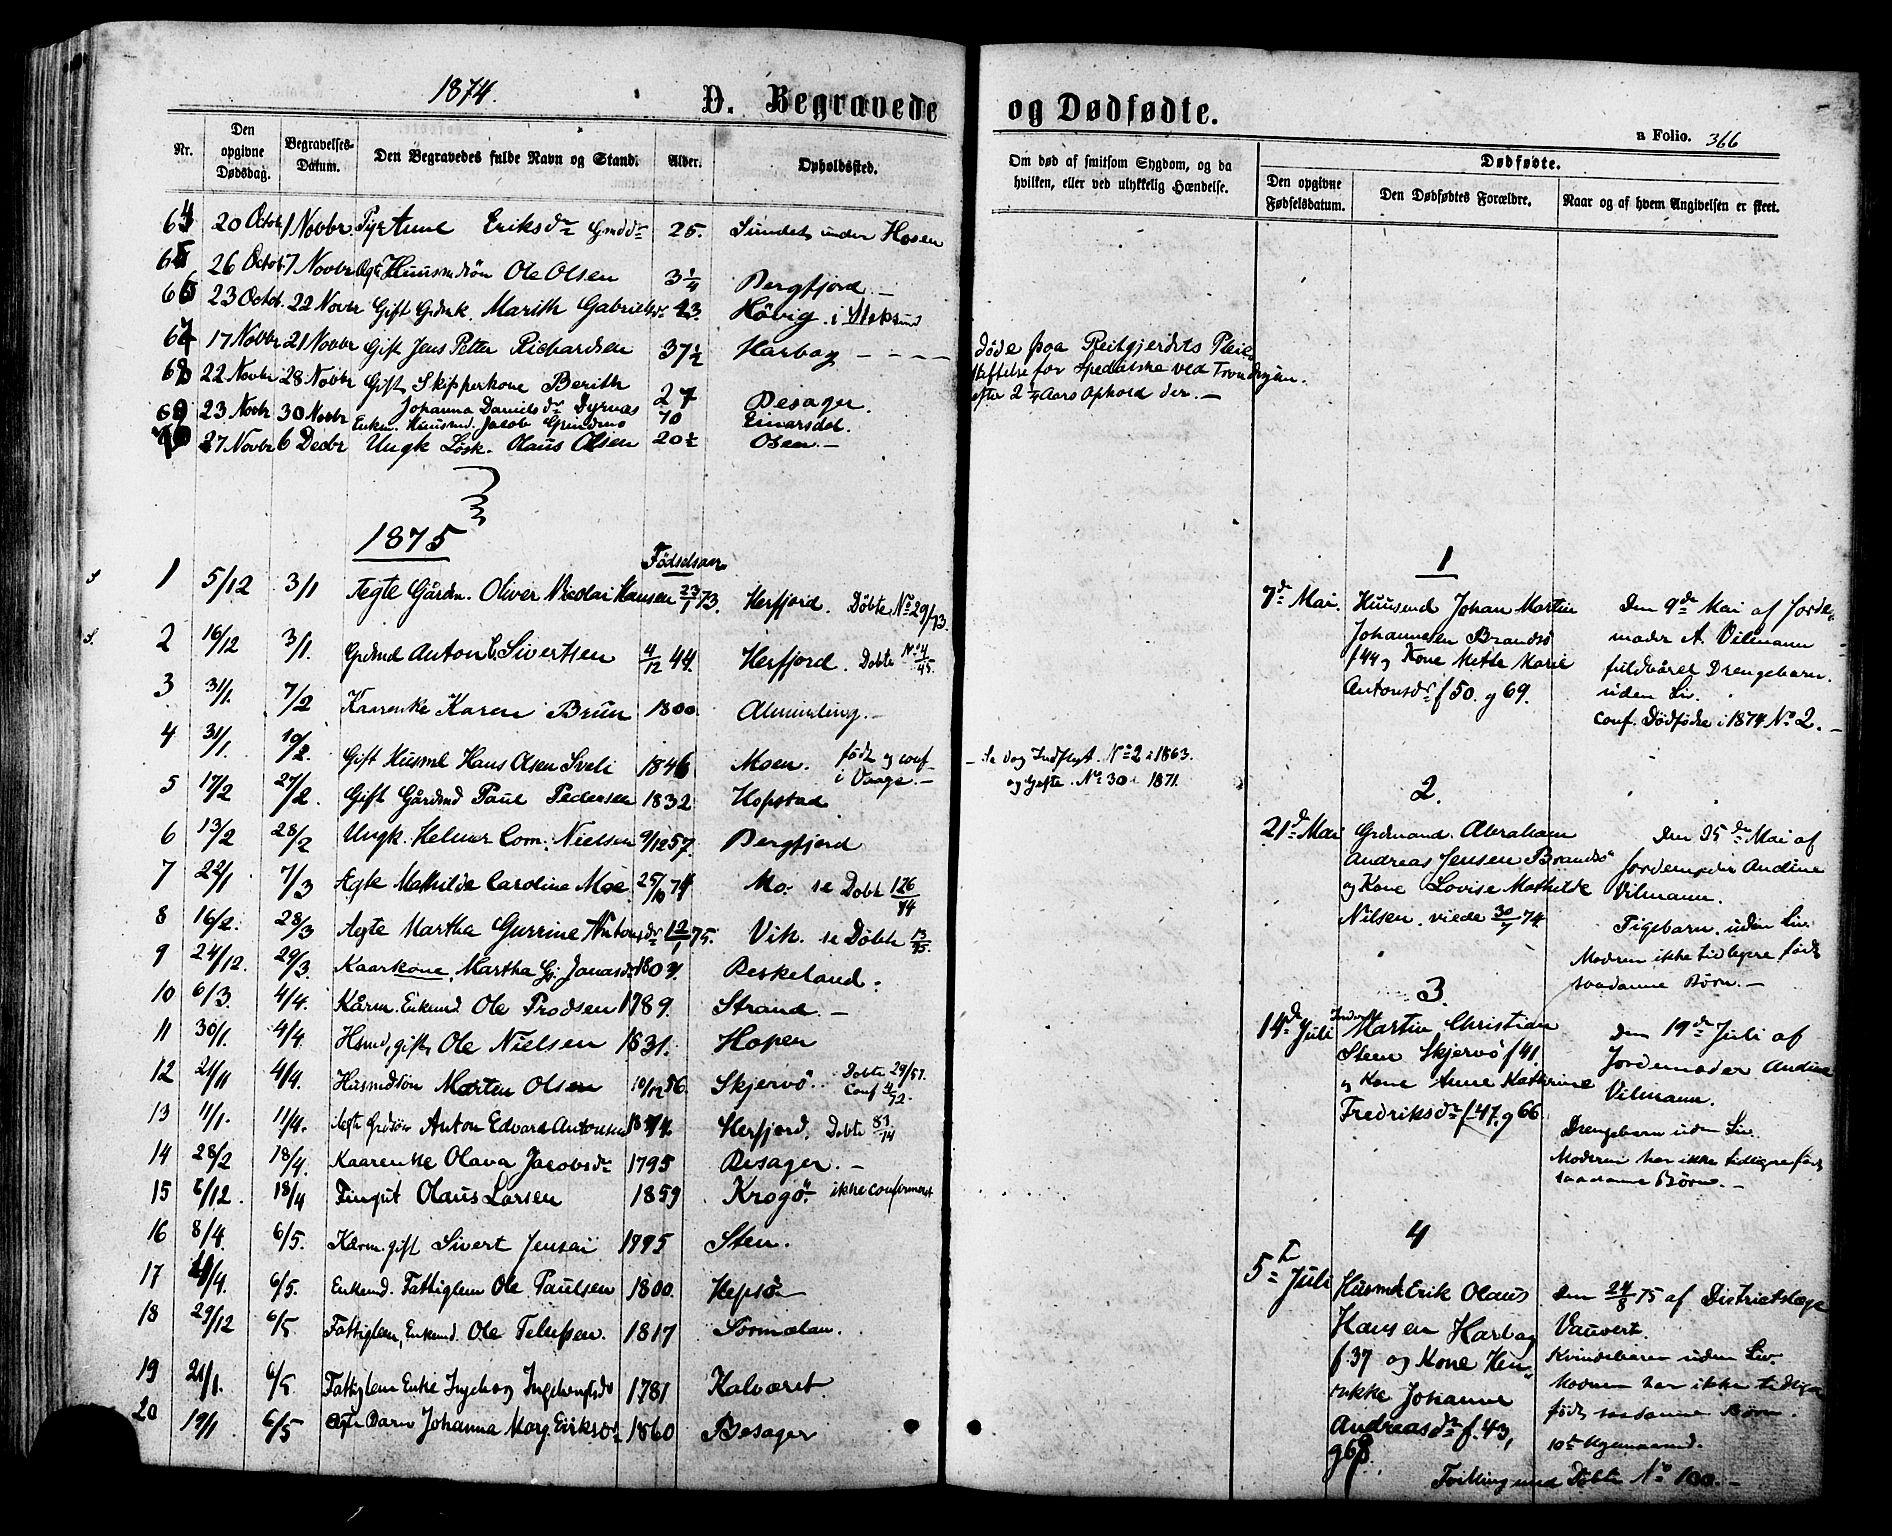 SAT, Ministerialprotokoller, klokkerbøker og fødselsregistre - Sør-Trøndelag, 657/L0706: Ministerialbok nr. 657A07, 1867-1878, s. 366